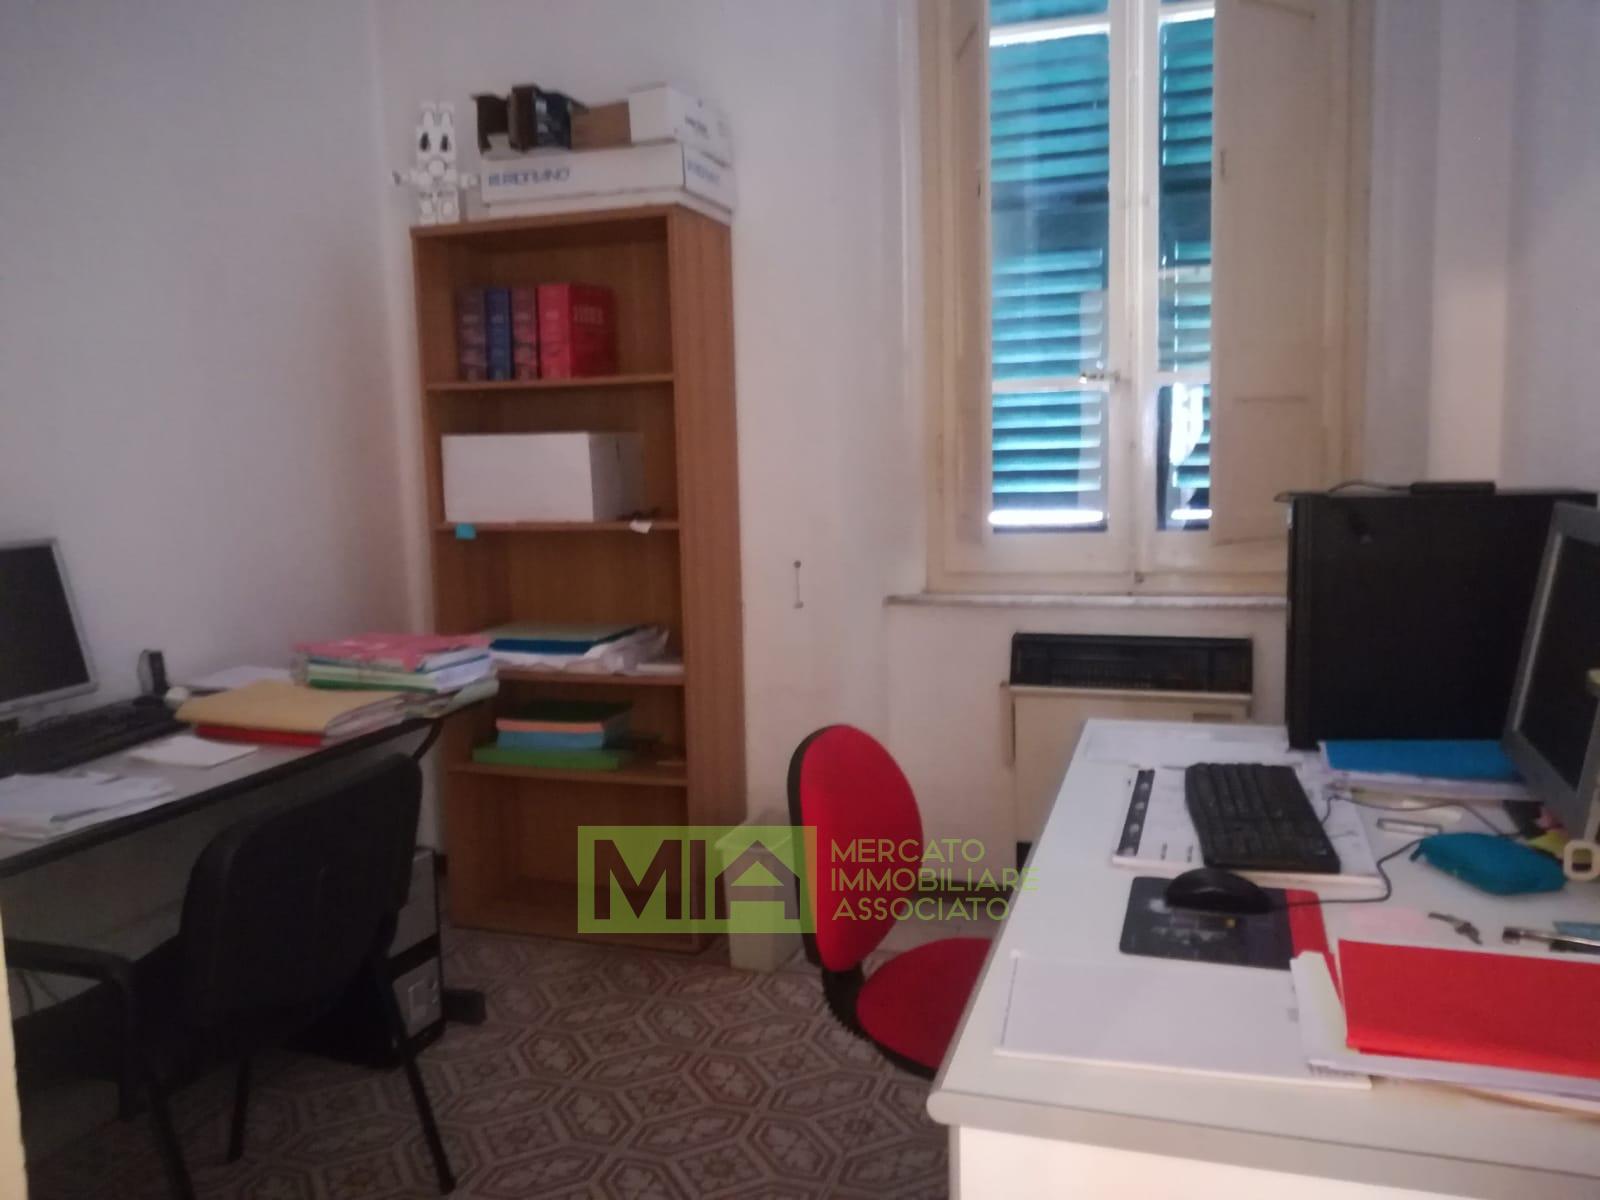 Appartamento MACERATA vendita  CENTRO  Casatasso S.r.l.